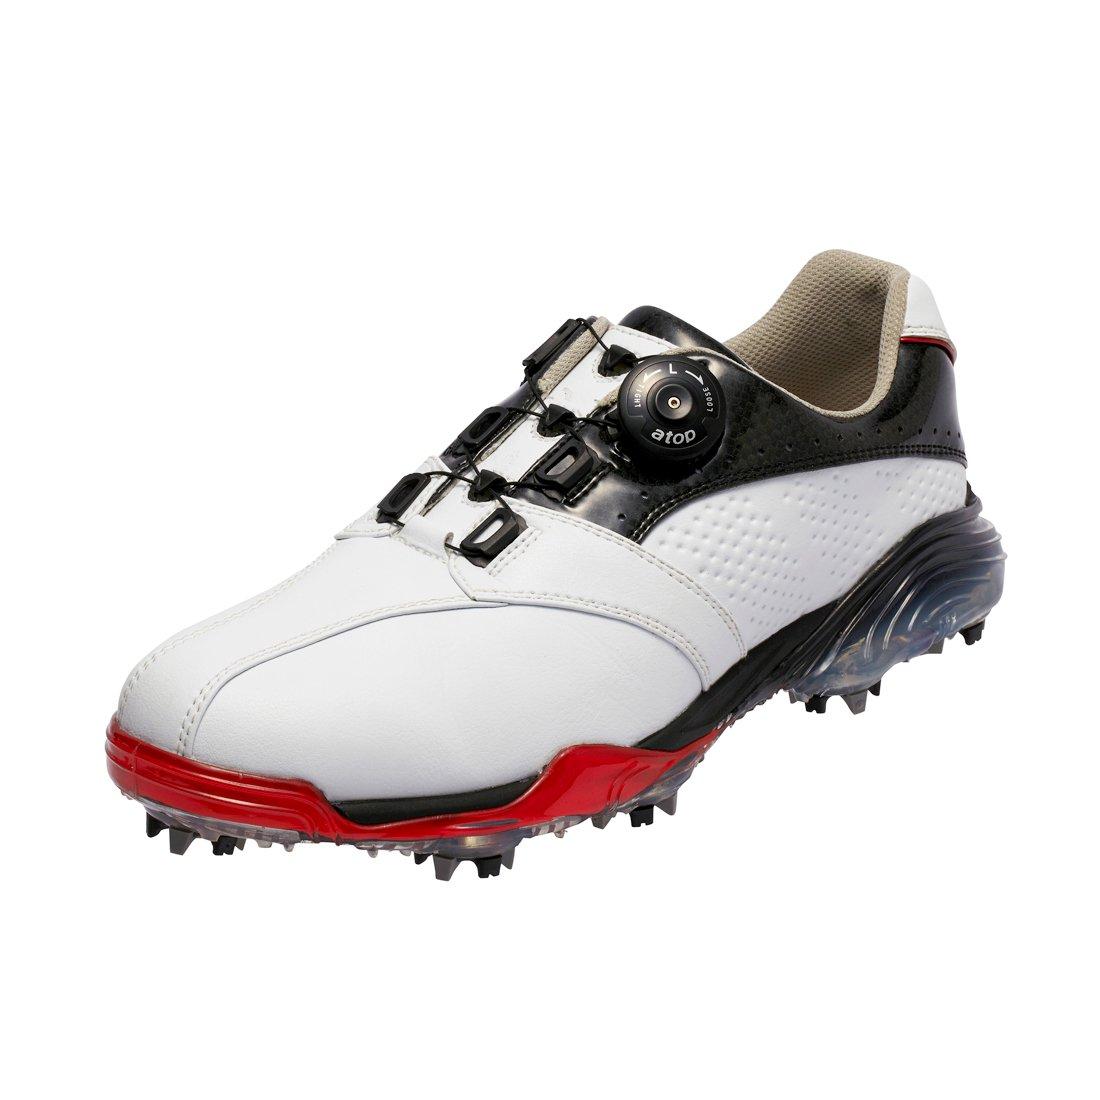 本間ゴルフ Be ZEAL メンズ スポーツモデル ダイヤルシューズ ホワイト/ブラック 26.5cm 3E SS-1602 原産国:中国 素材:甲(人工皮革) 、底(EVAスポンジ/TPU)   B077HM3T4C